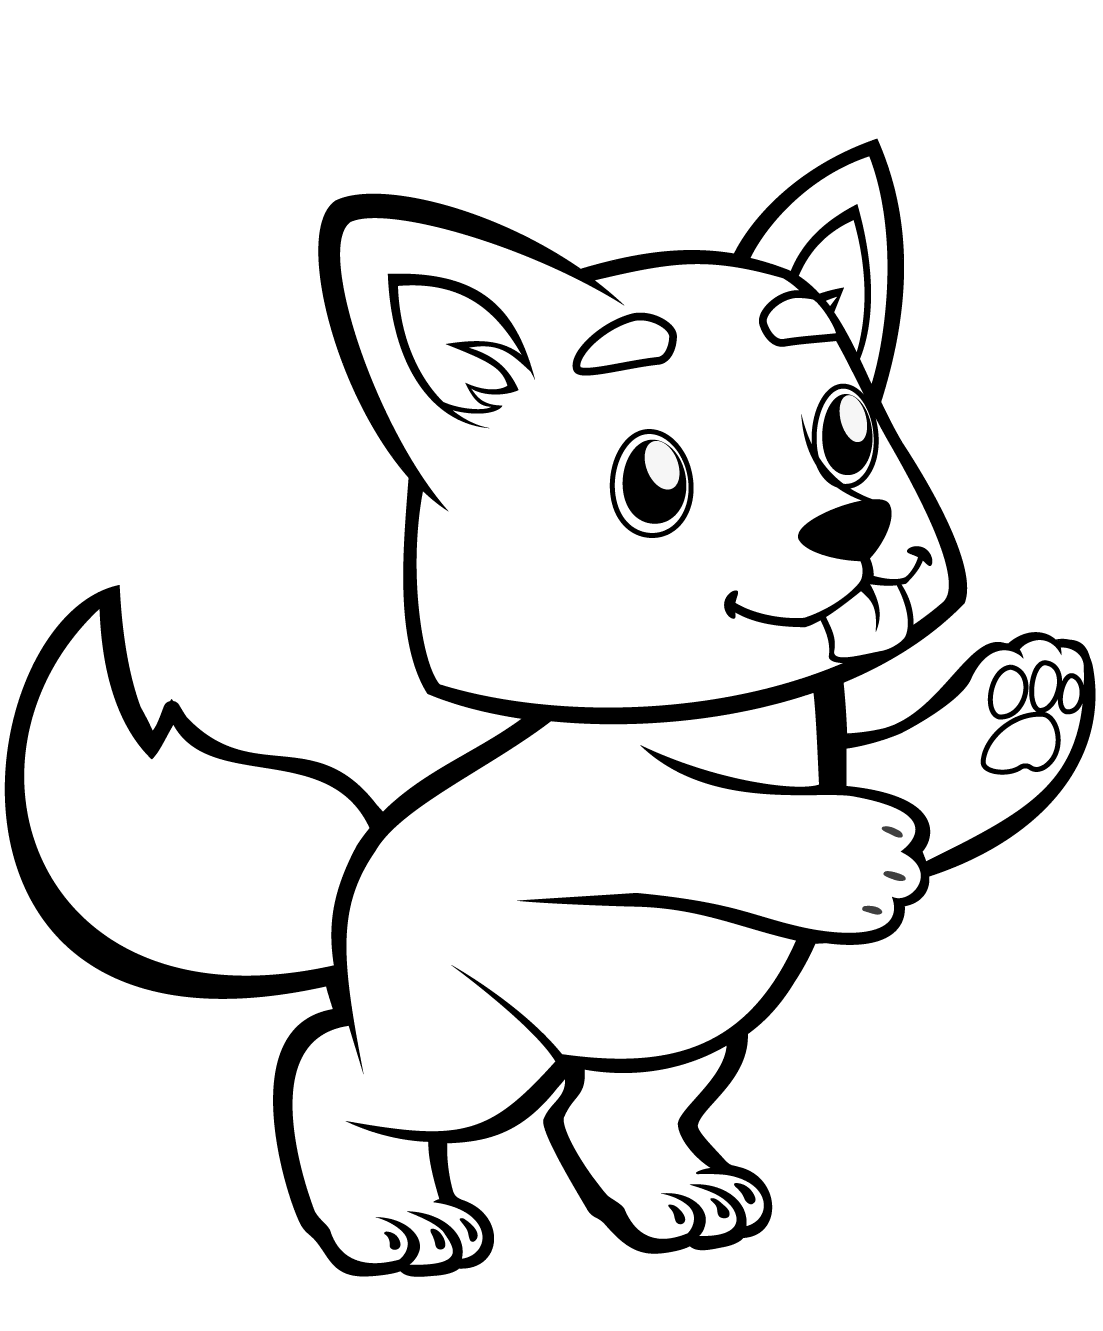 Волчонок картинка для детей раскраска